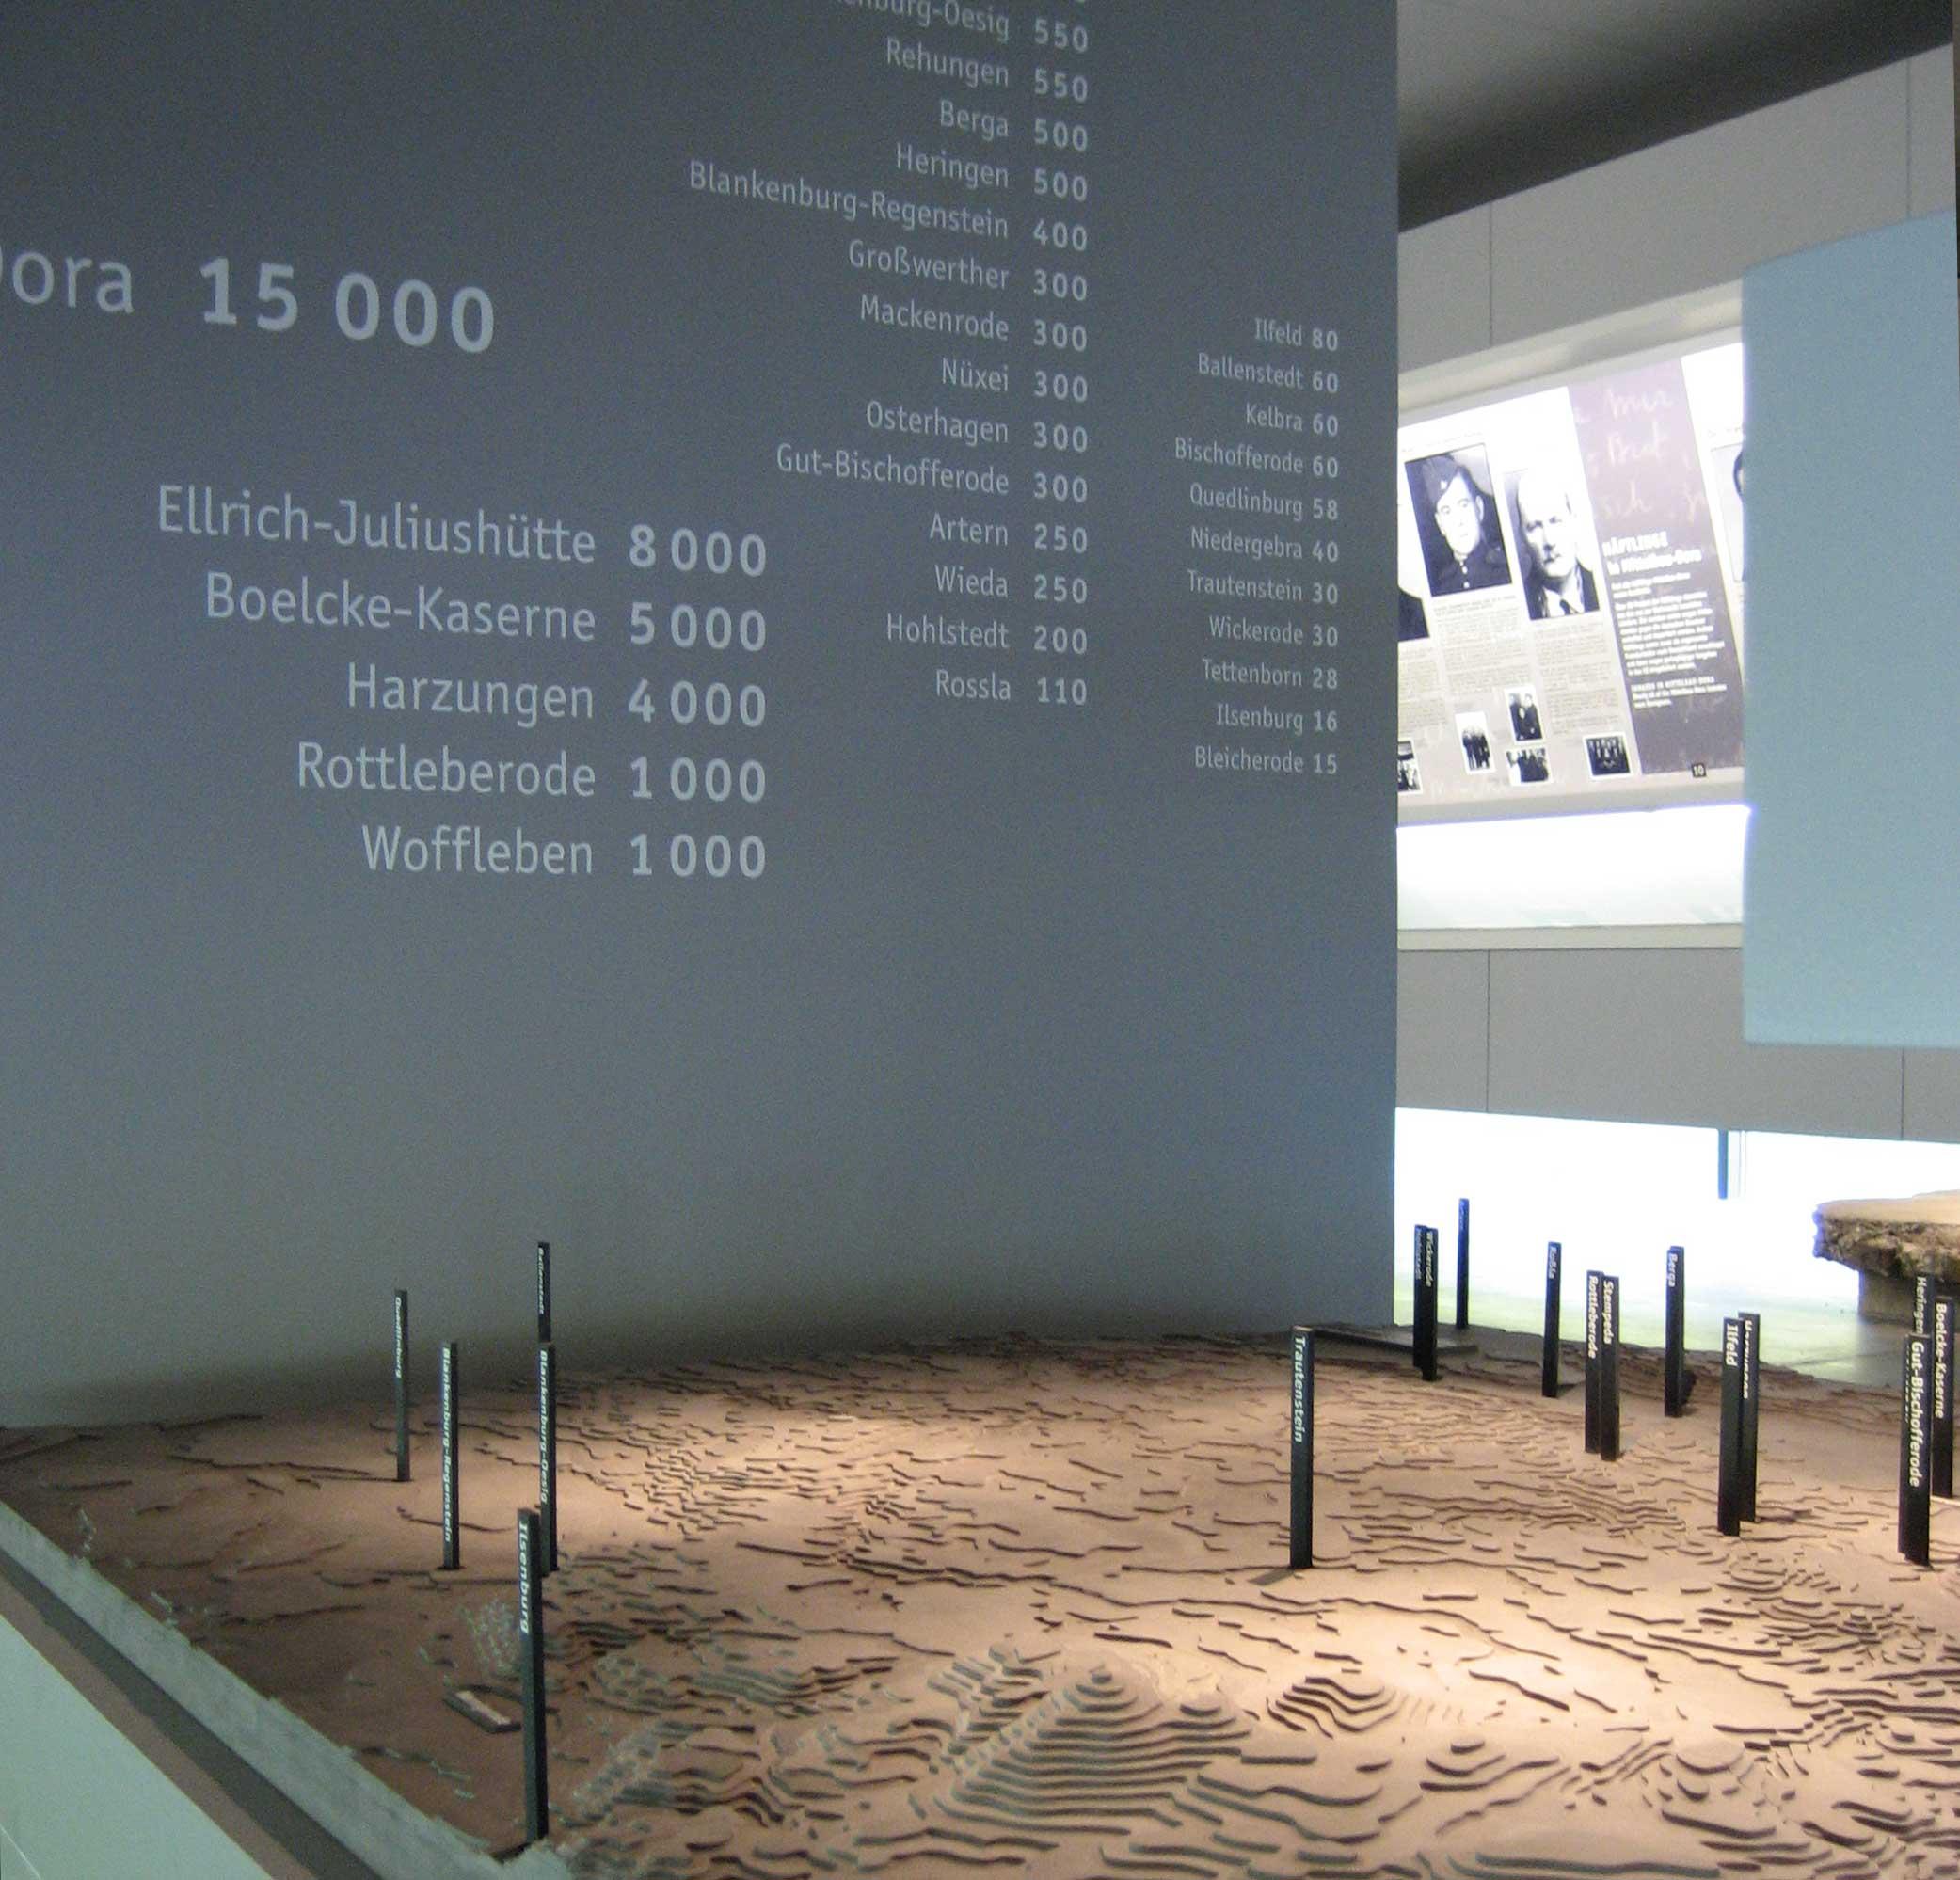 Das Modell in der Dauerausstellung